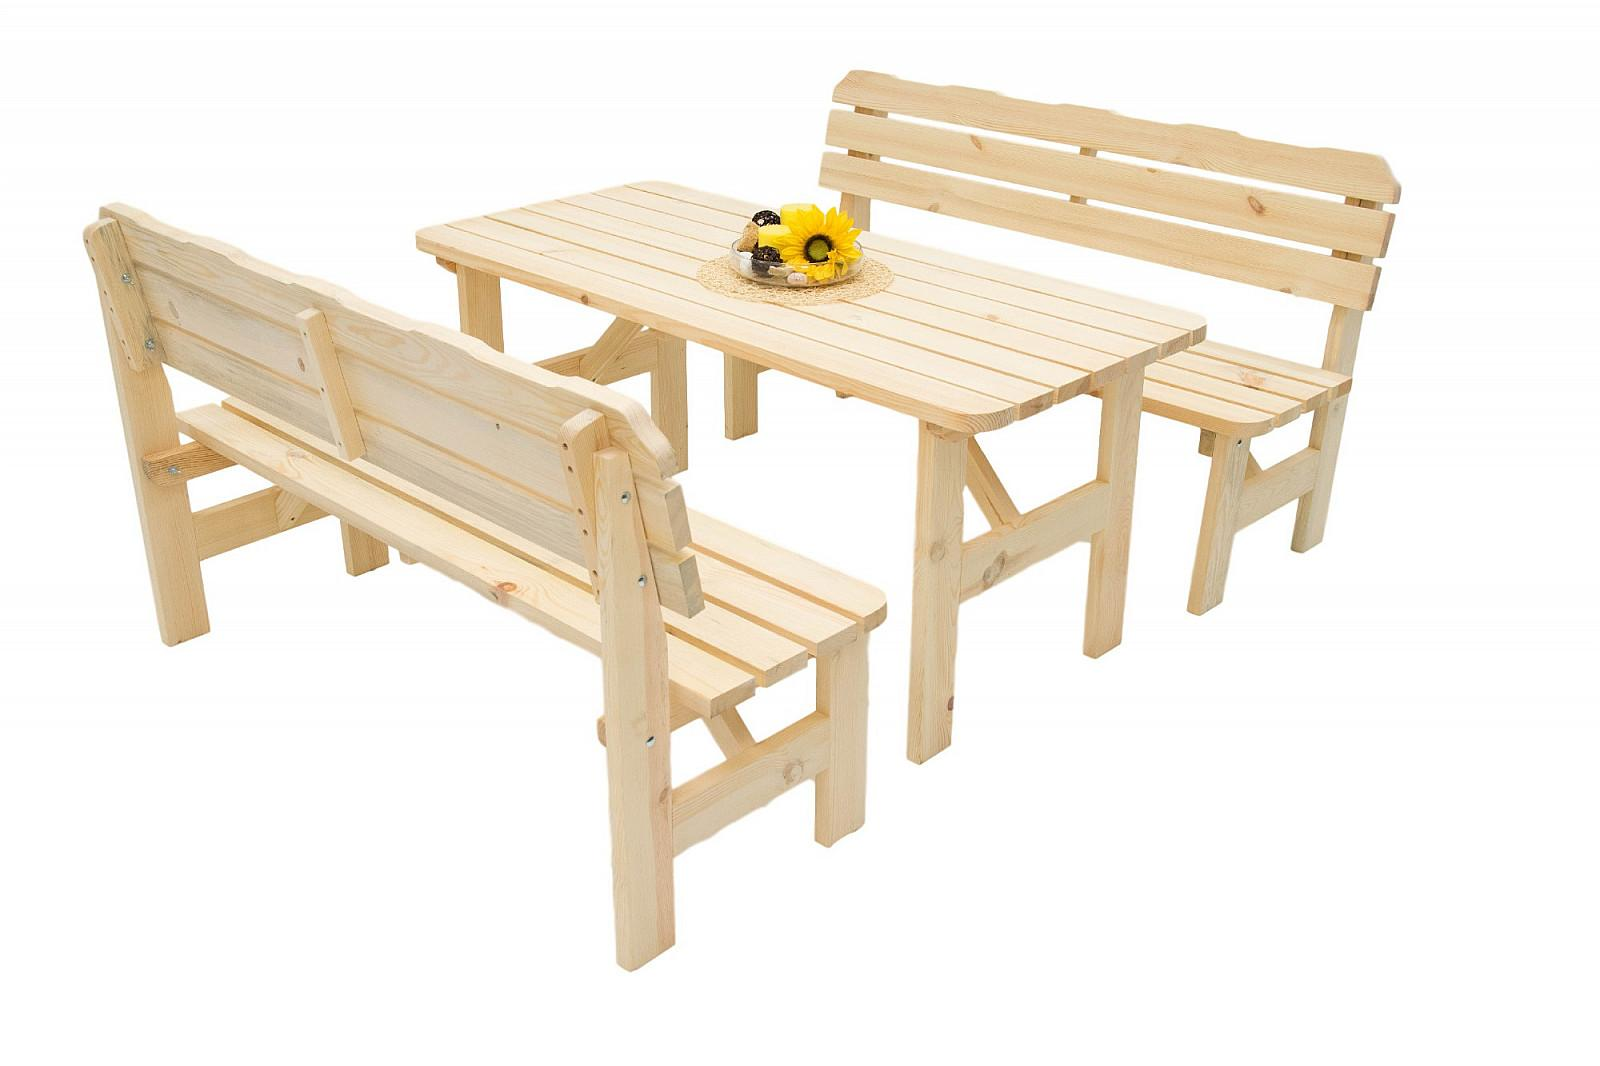 DEOKORK Masívna drevená záhradná zostava z borovice 1+2 drevo 32 mm (200 cm)